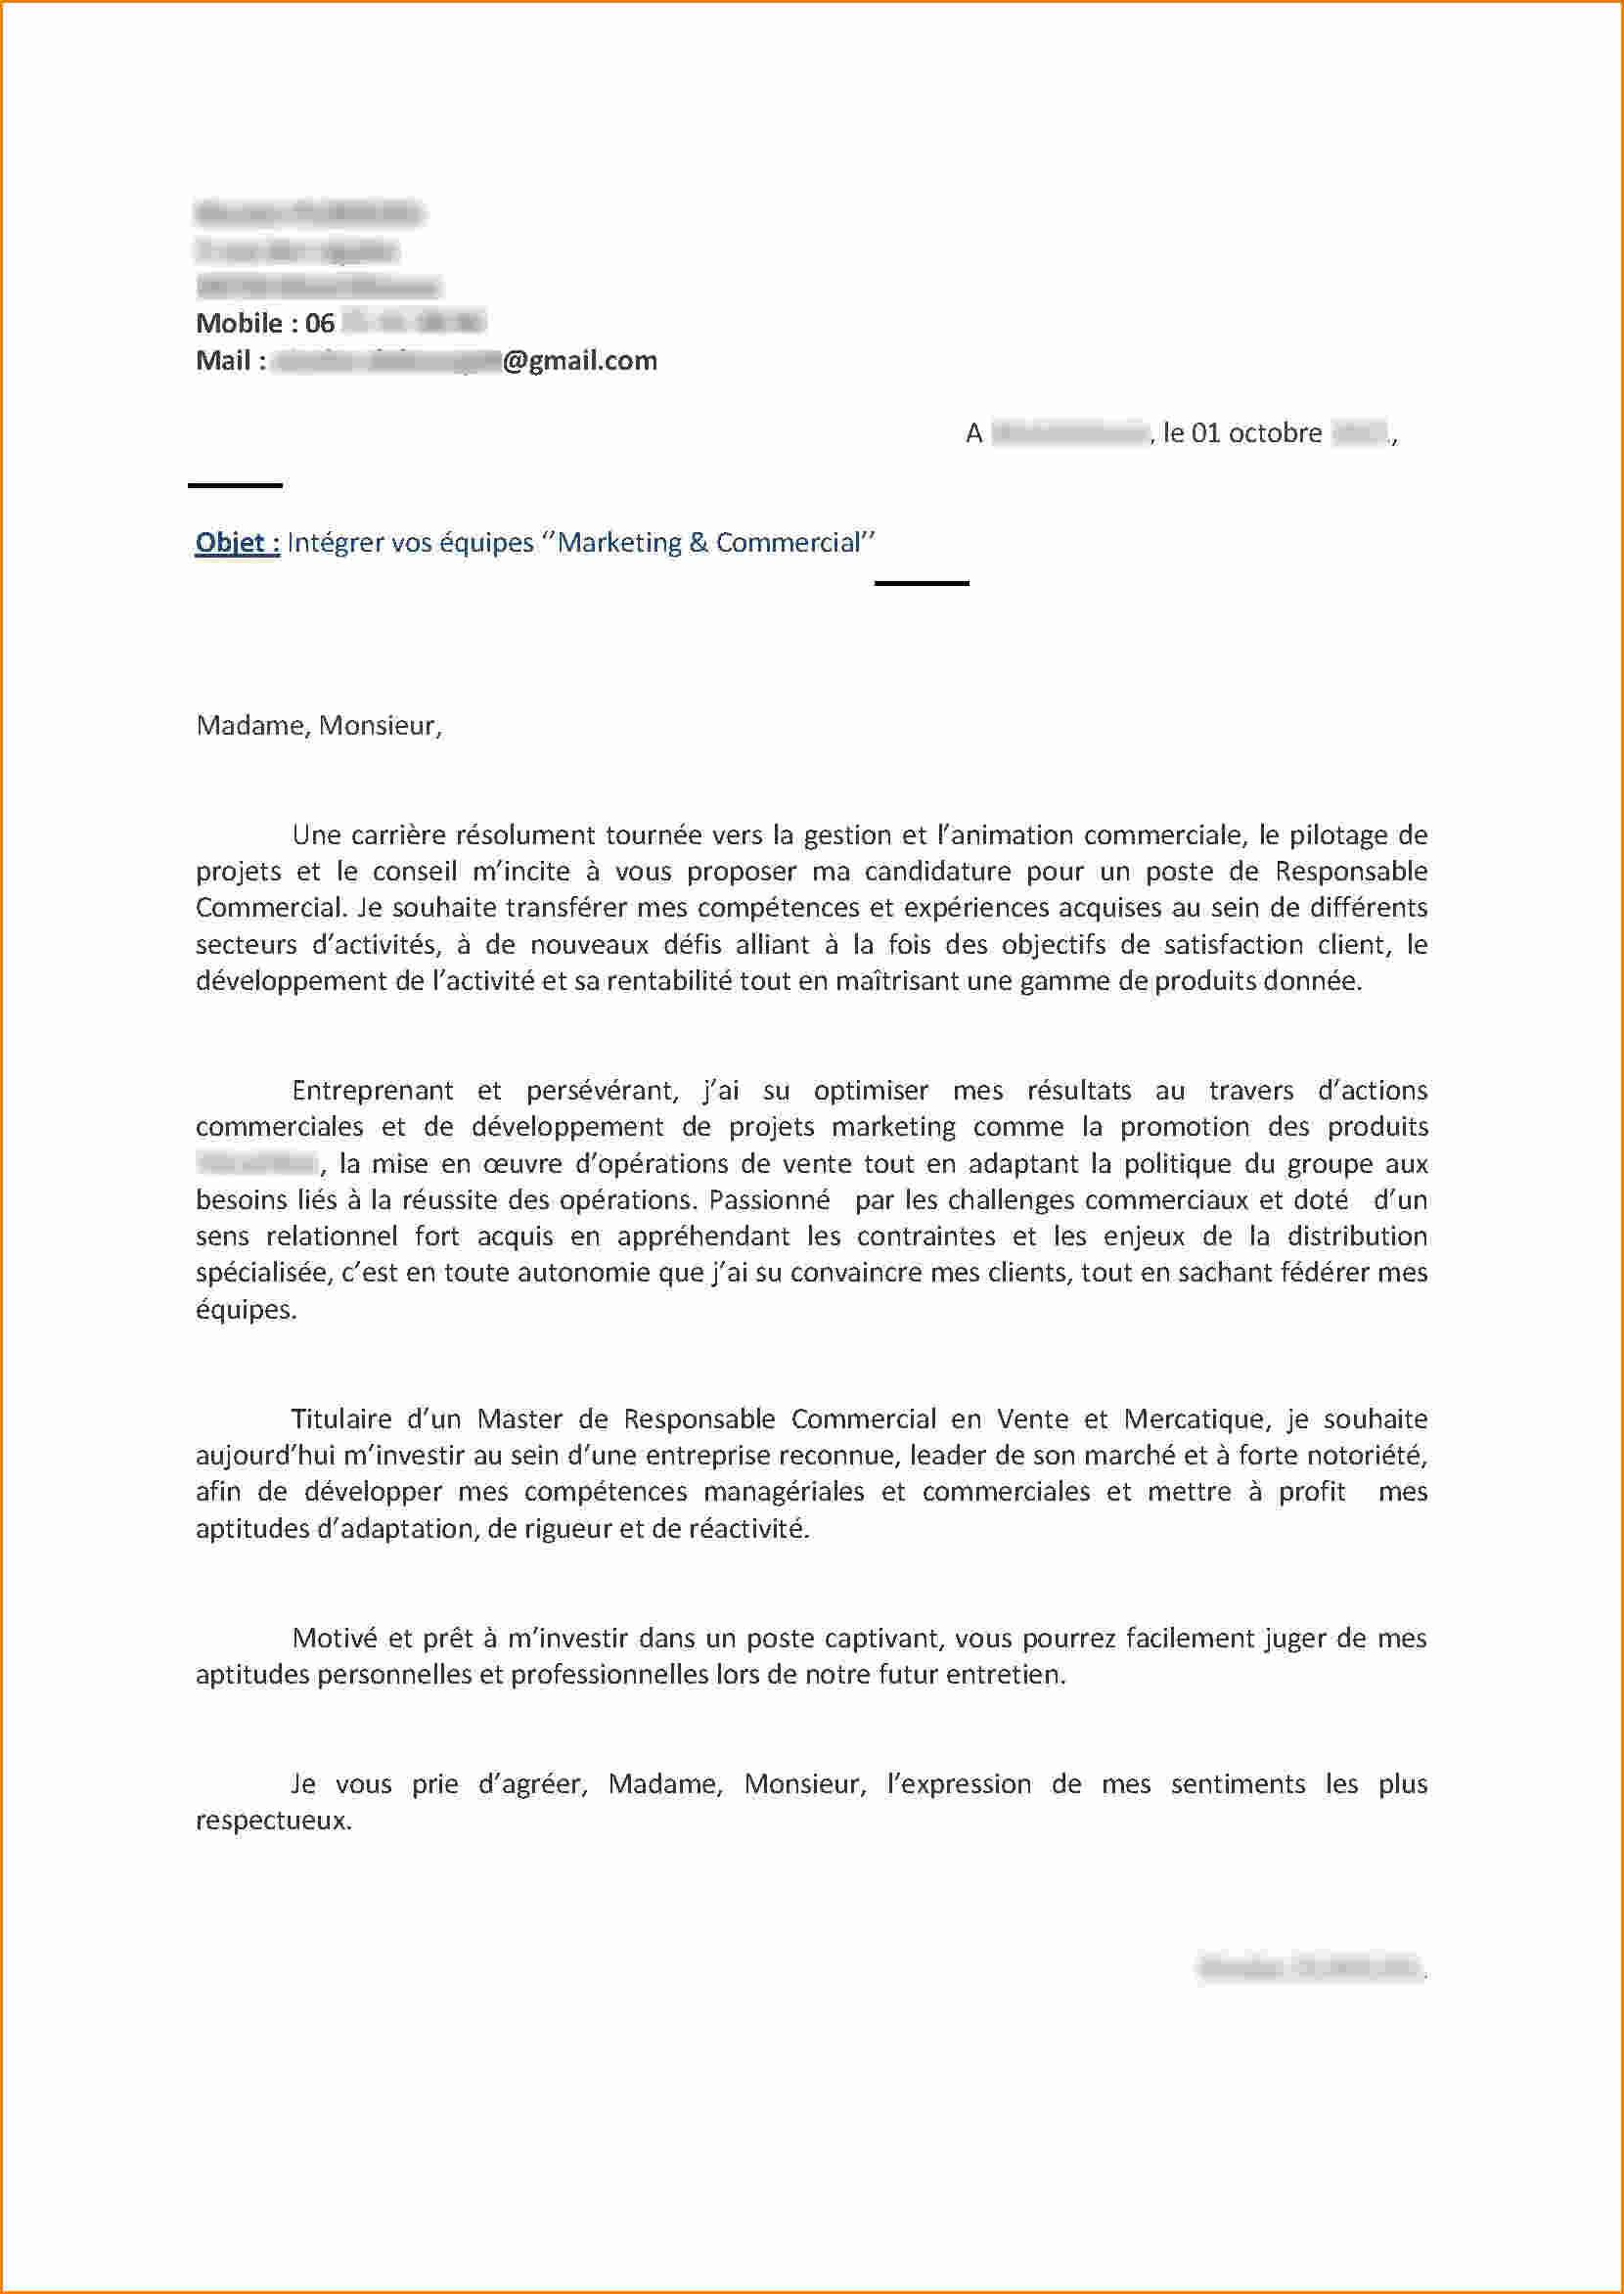 lettre de motivation hm sans experience